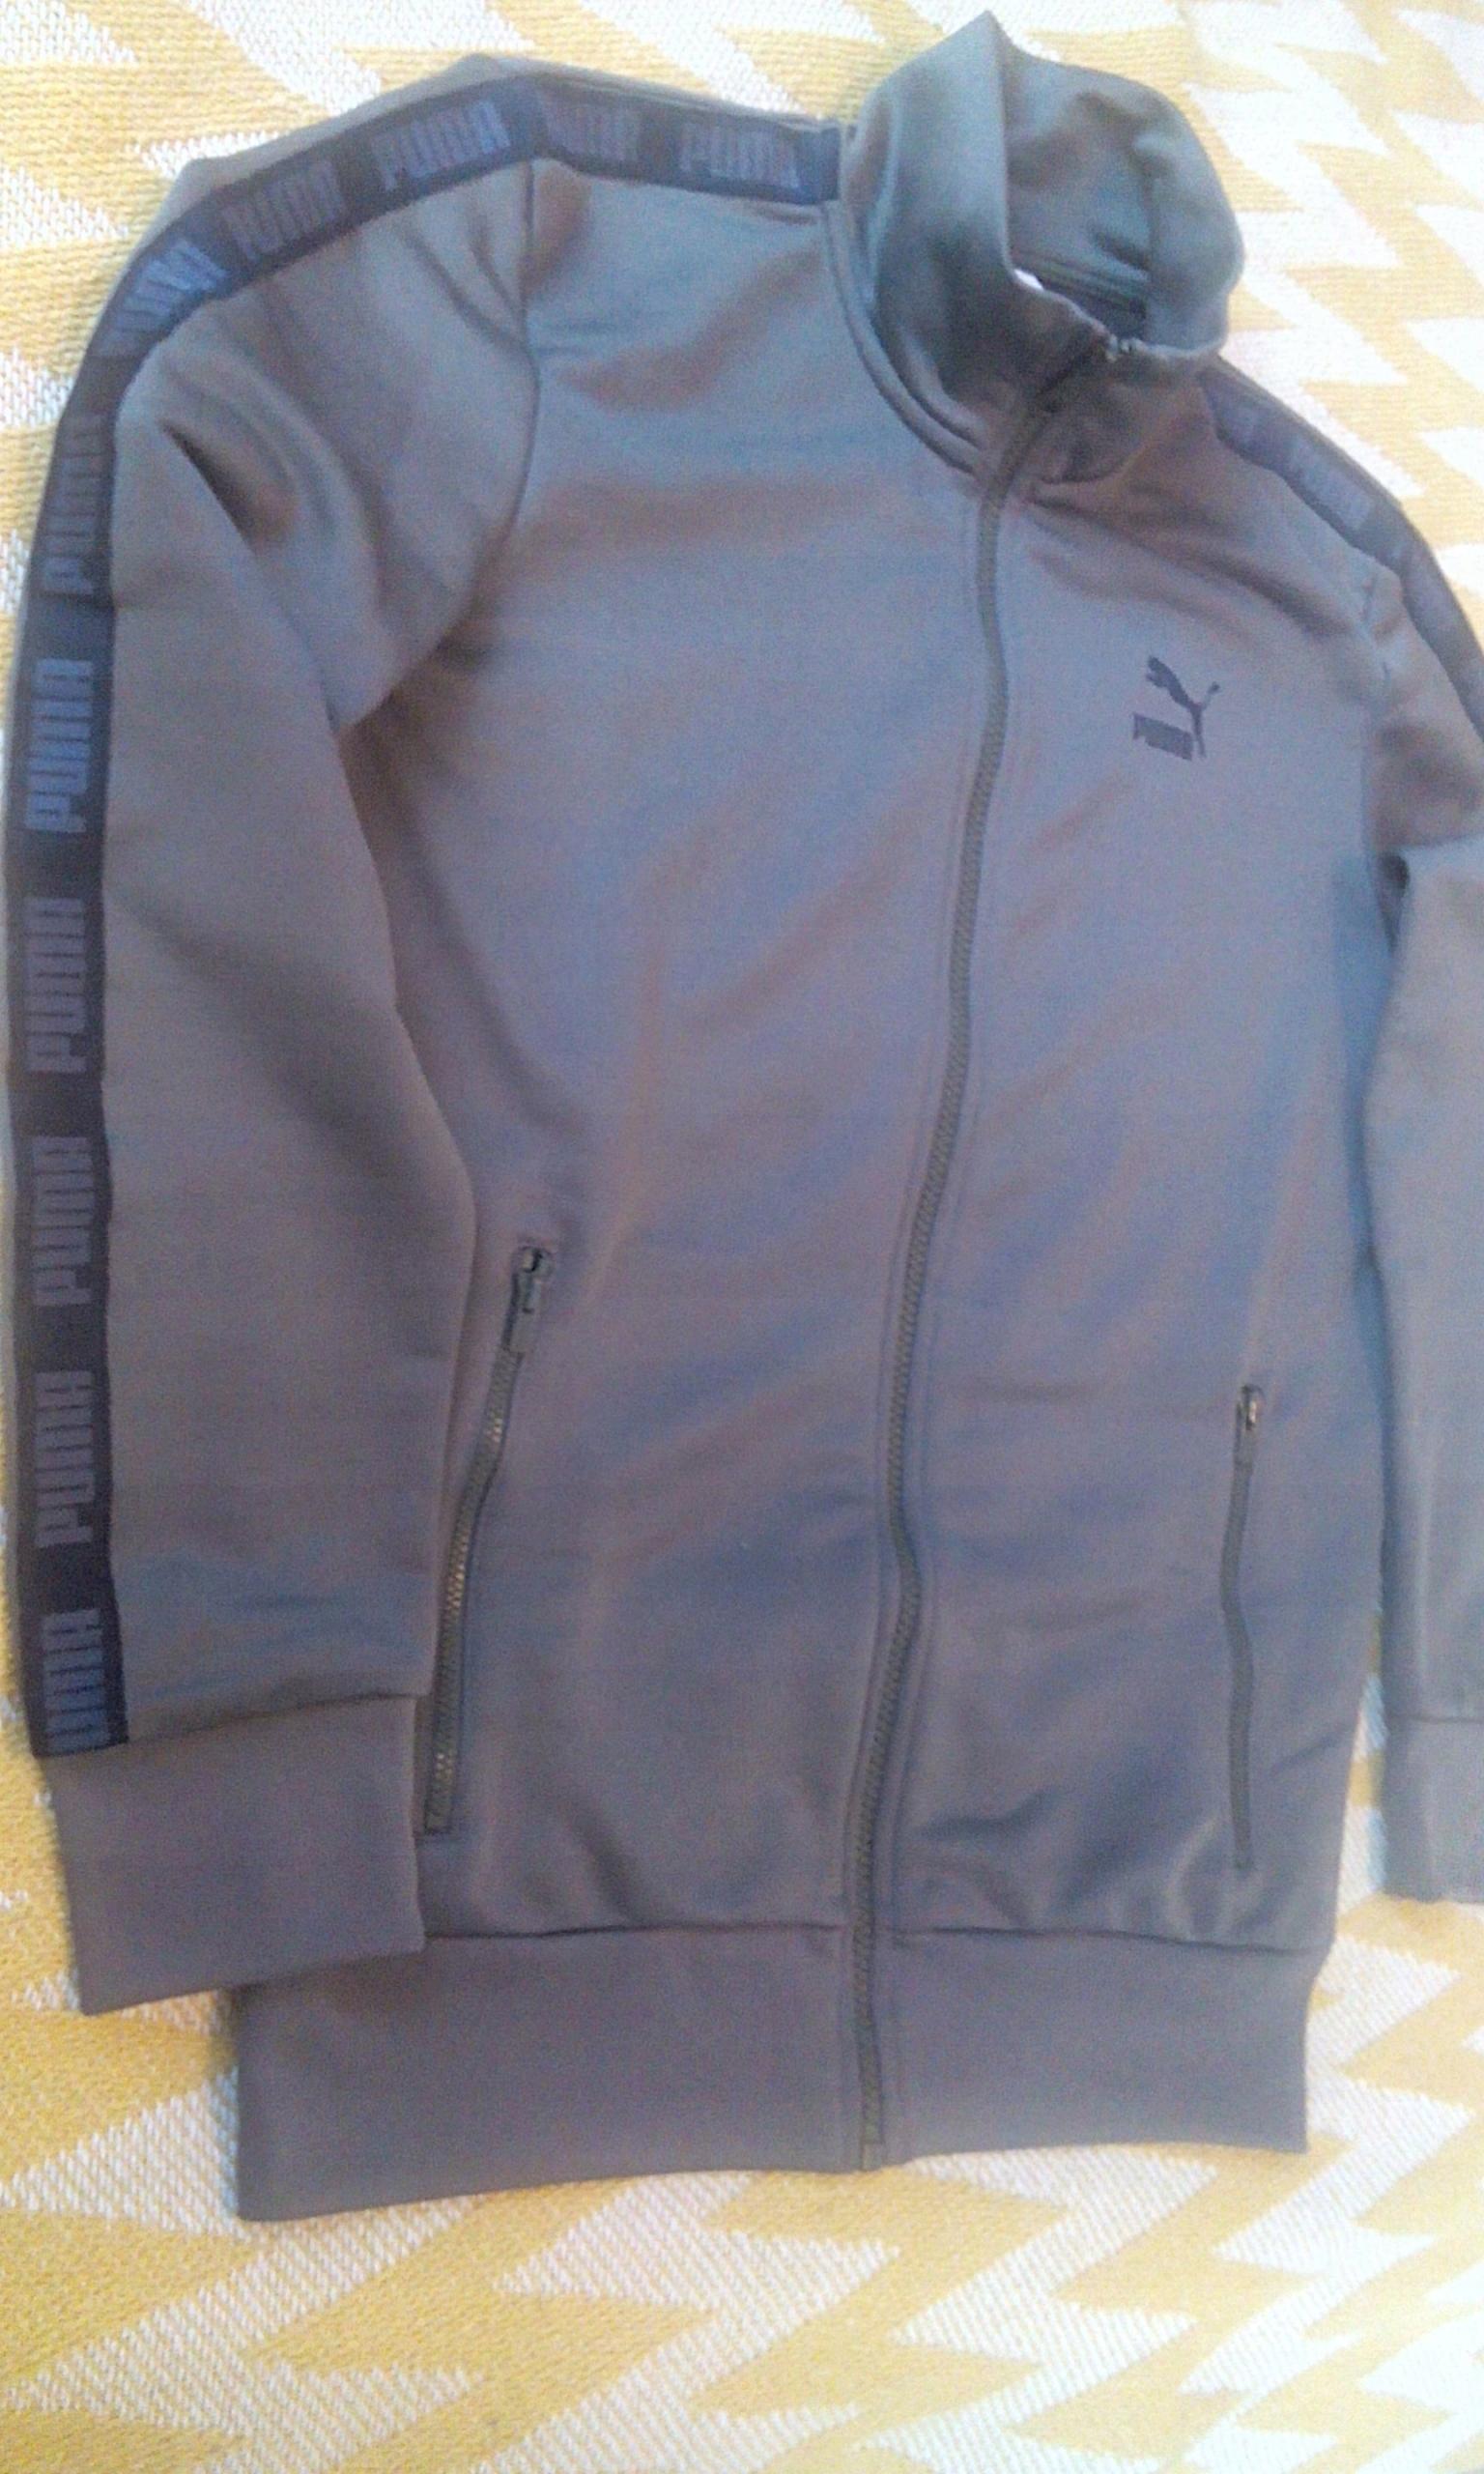 de1e3435a Bluza Puma, nike, adidas, reebok! - 7556817491 - oficjalne archiwum ...